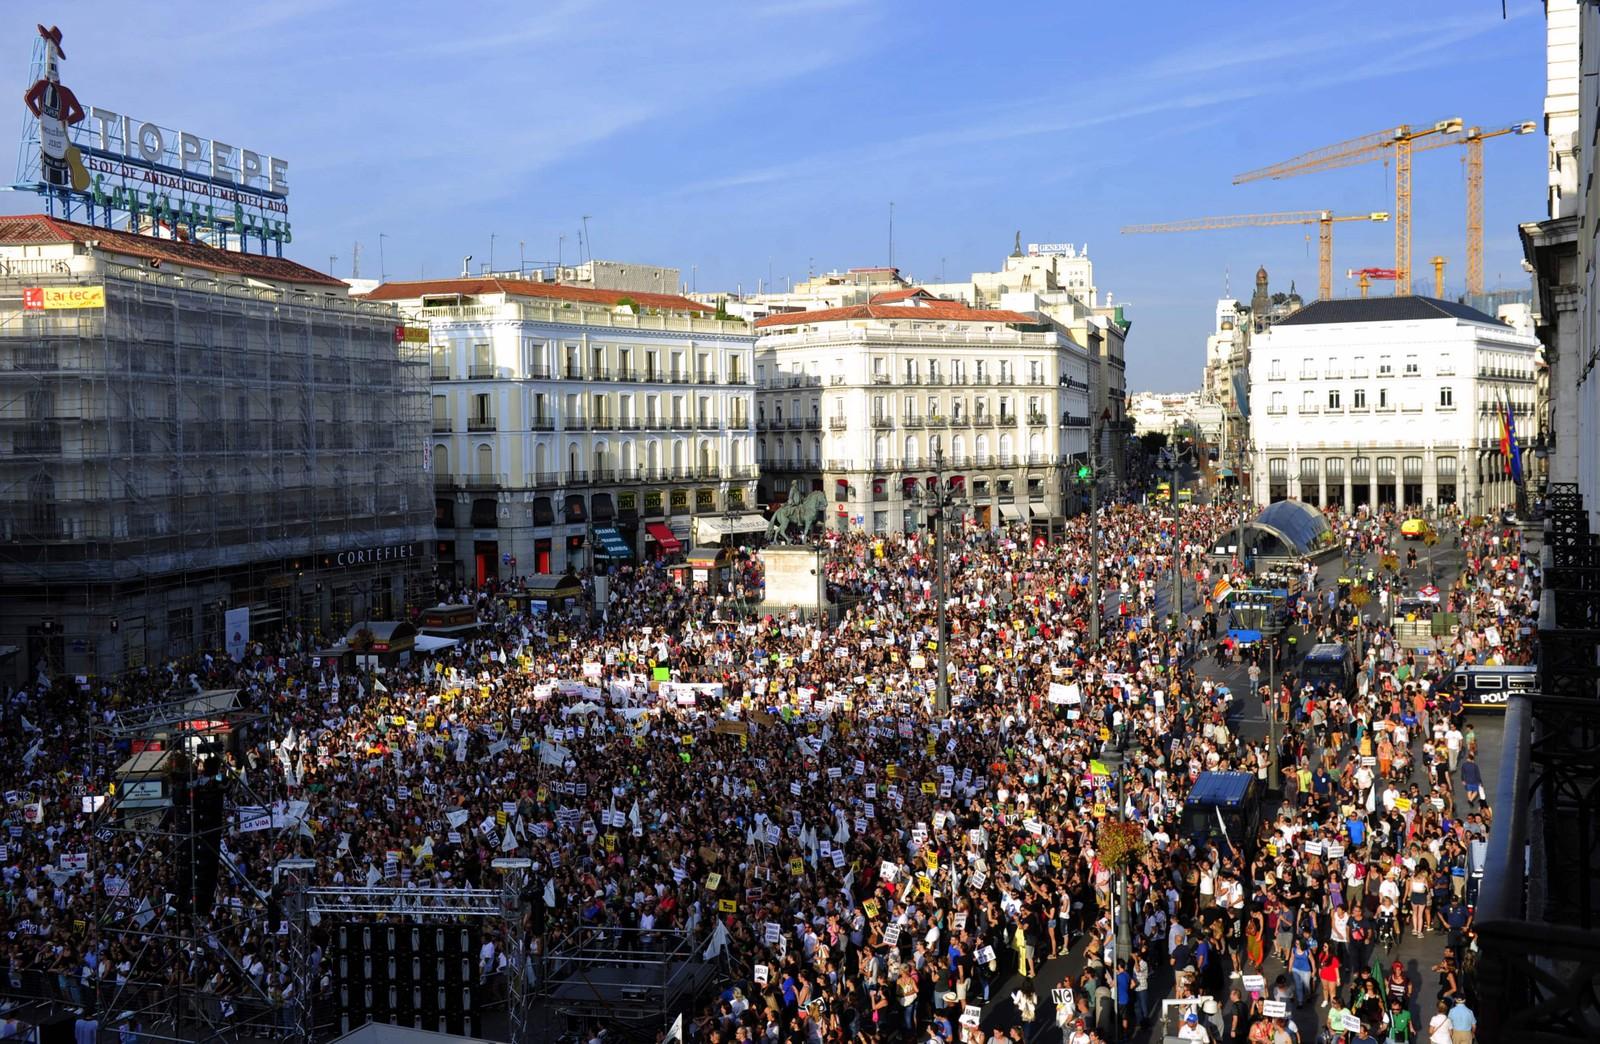 Det er uklart kor mange som deltok i demonstrasjonen i Madrid, men det var mange tusen.